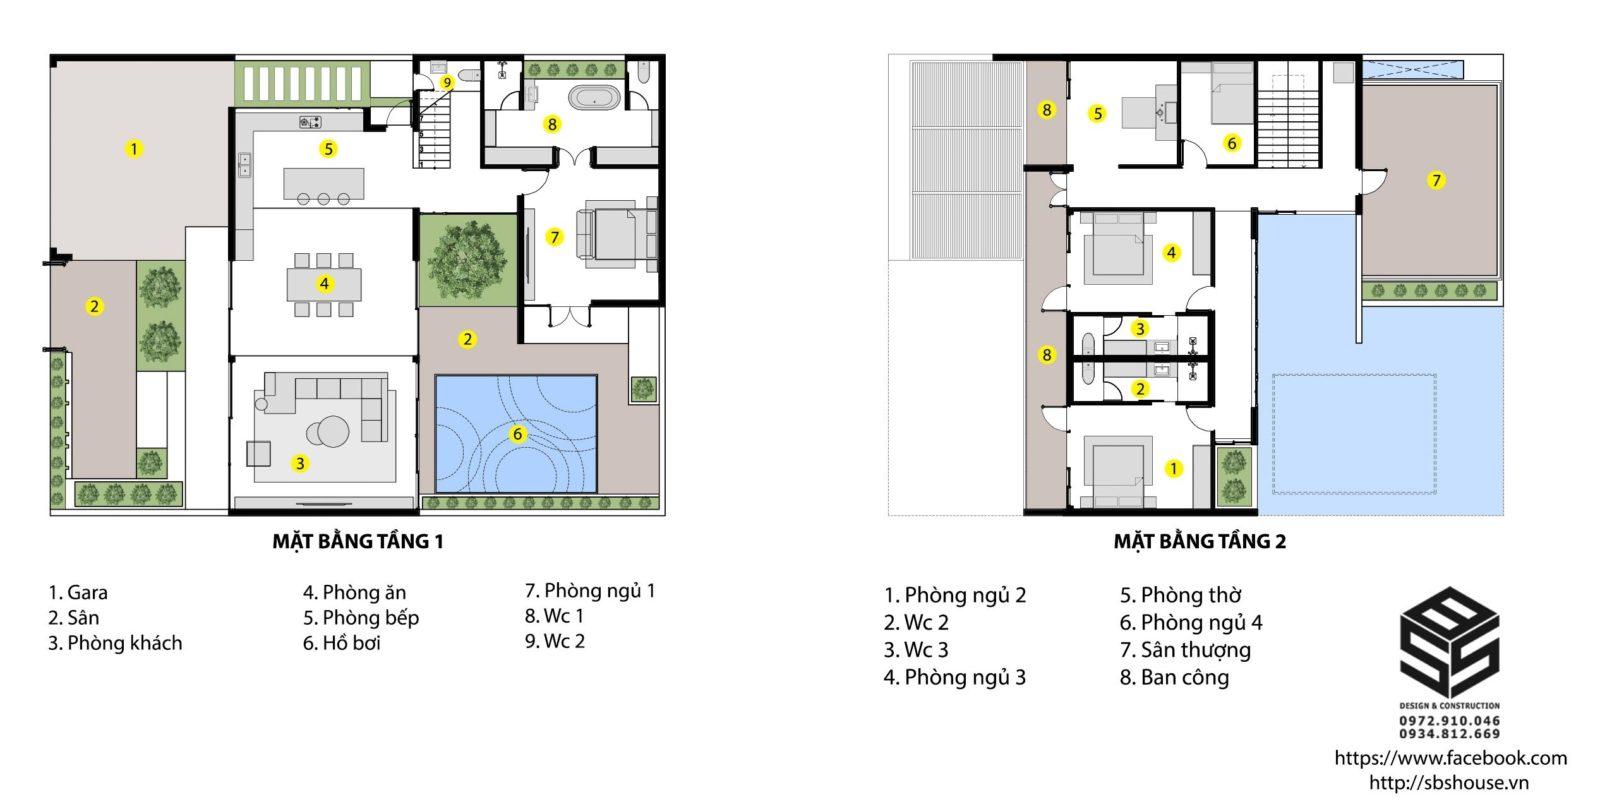 Mặt bằng tổng thể của căn biệt thự 2 tầng